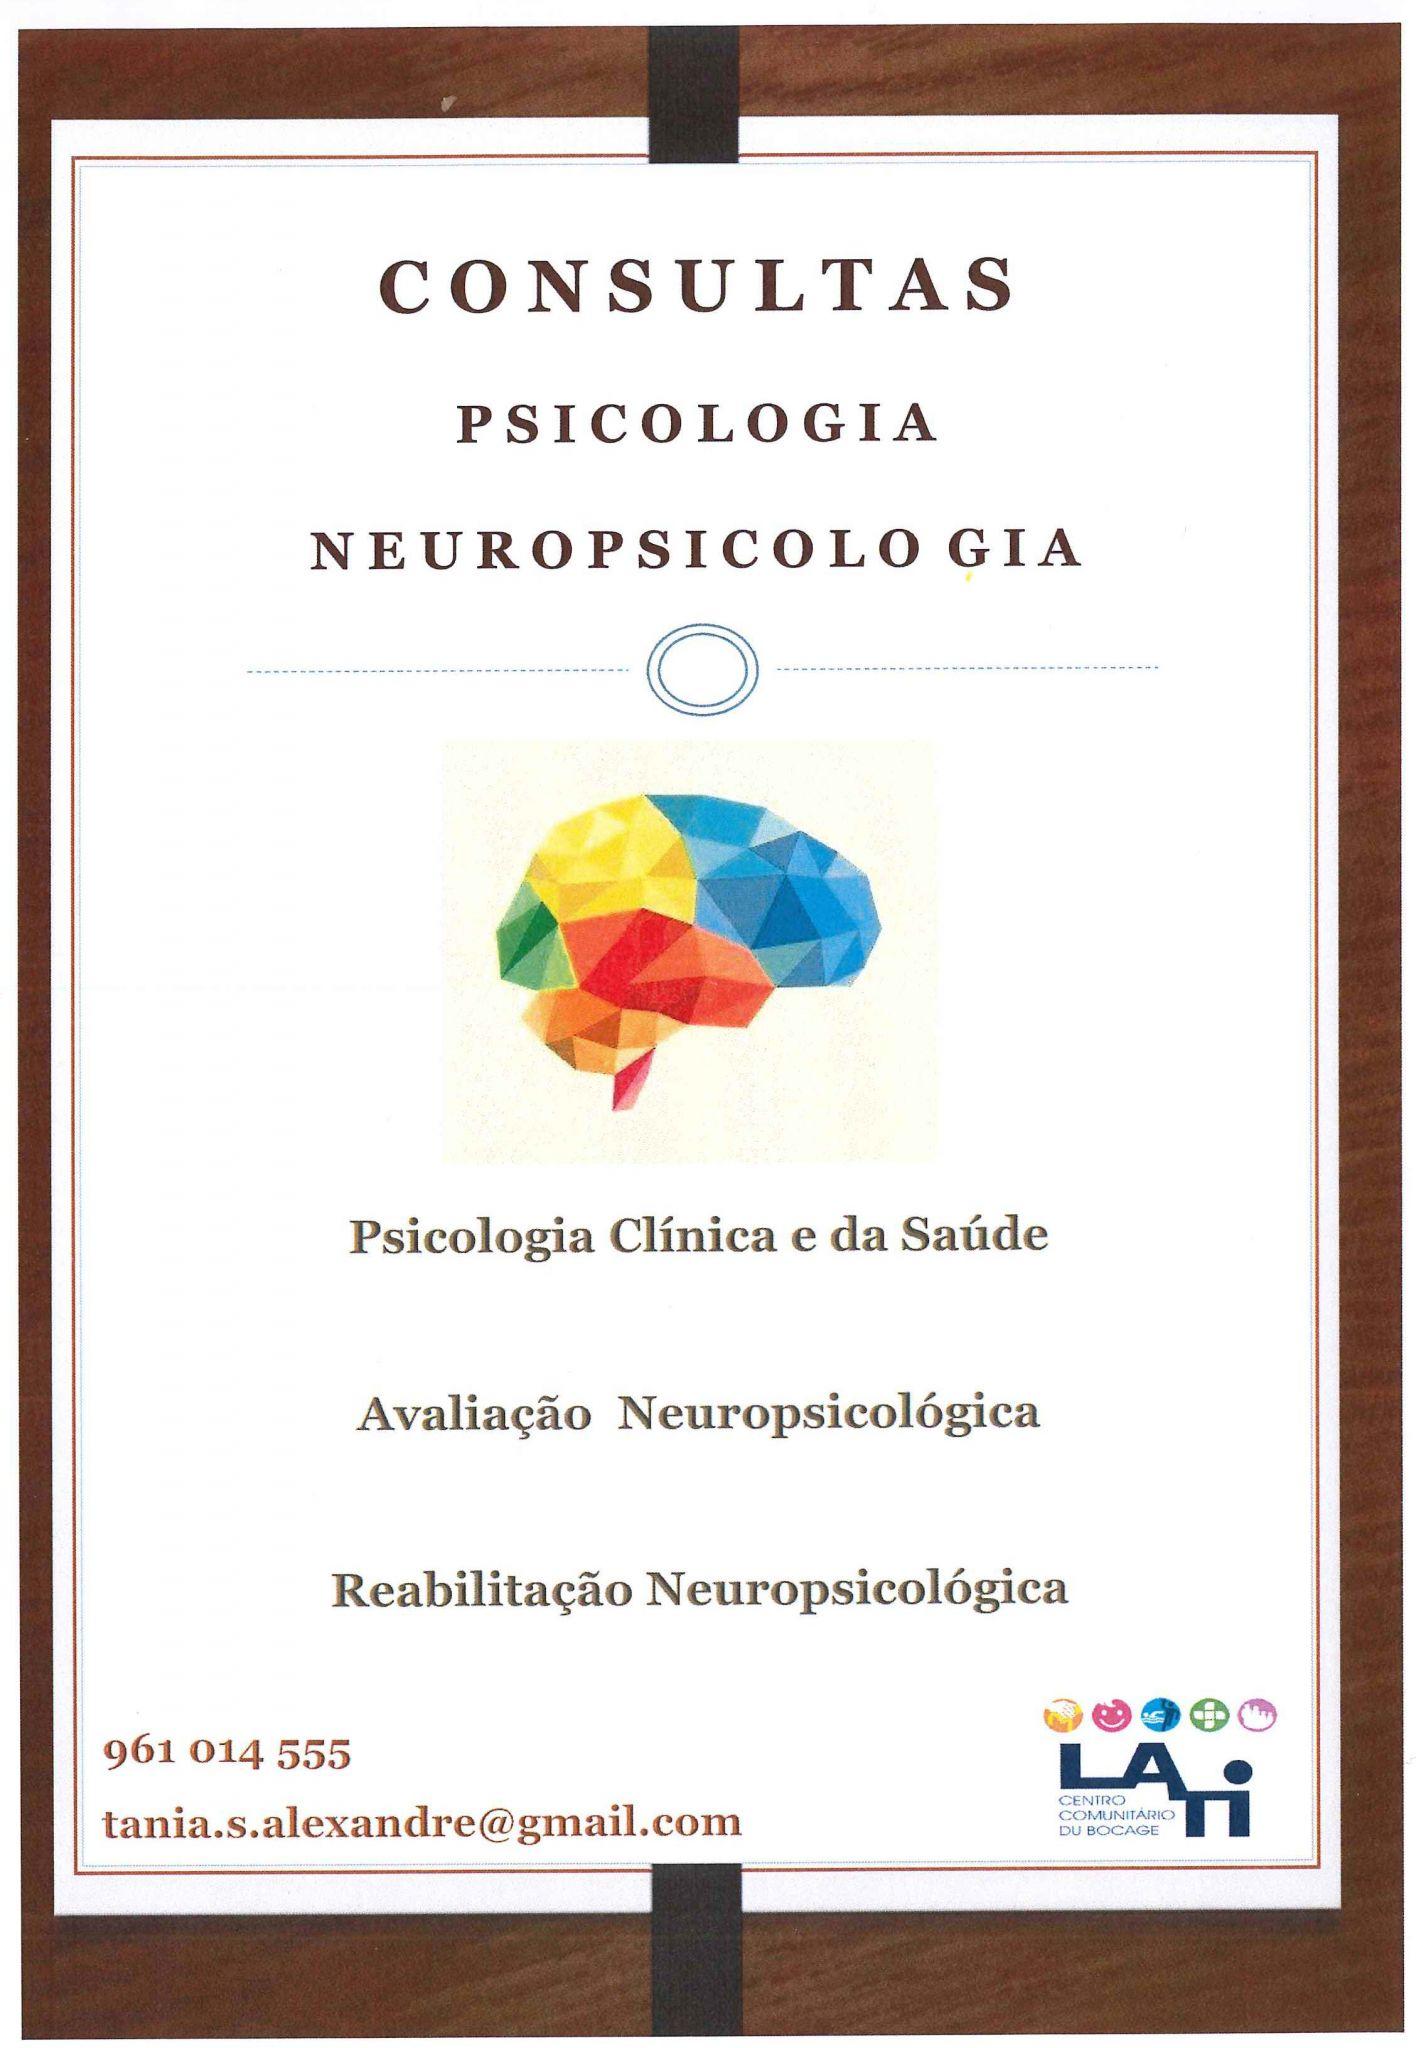 Consultas de Psicologia e Neuropsicologia na LATI